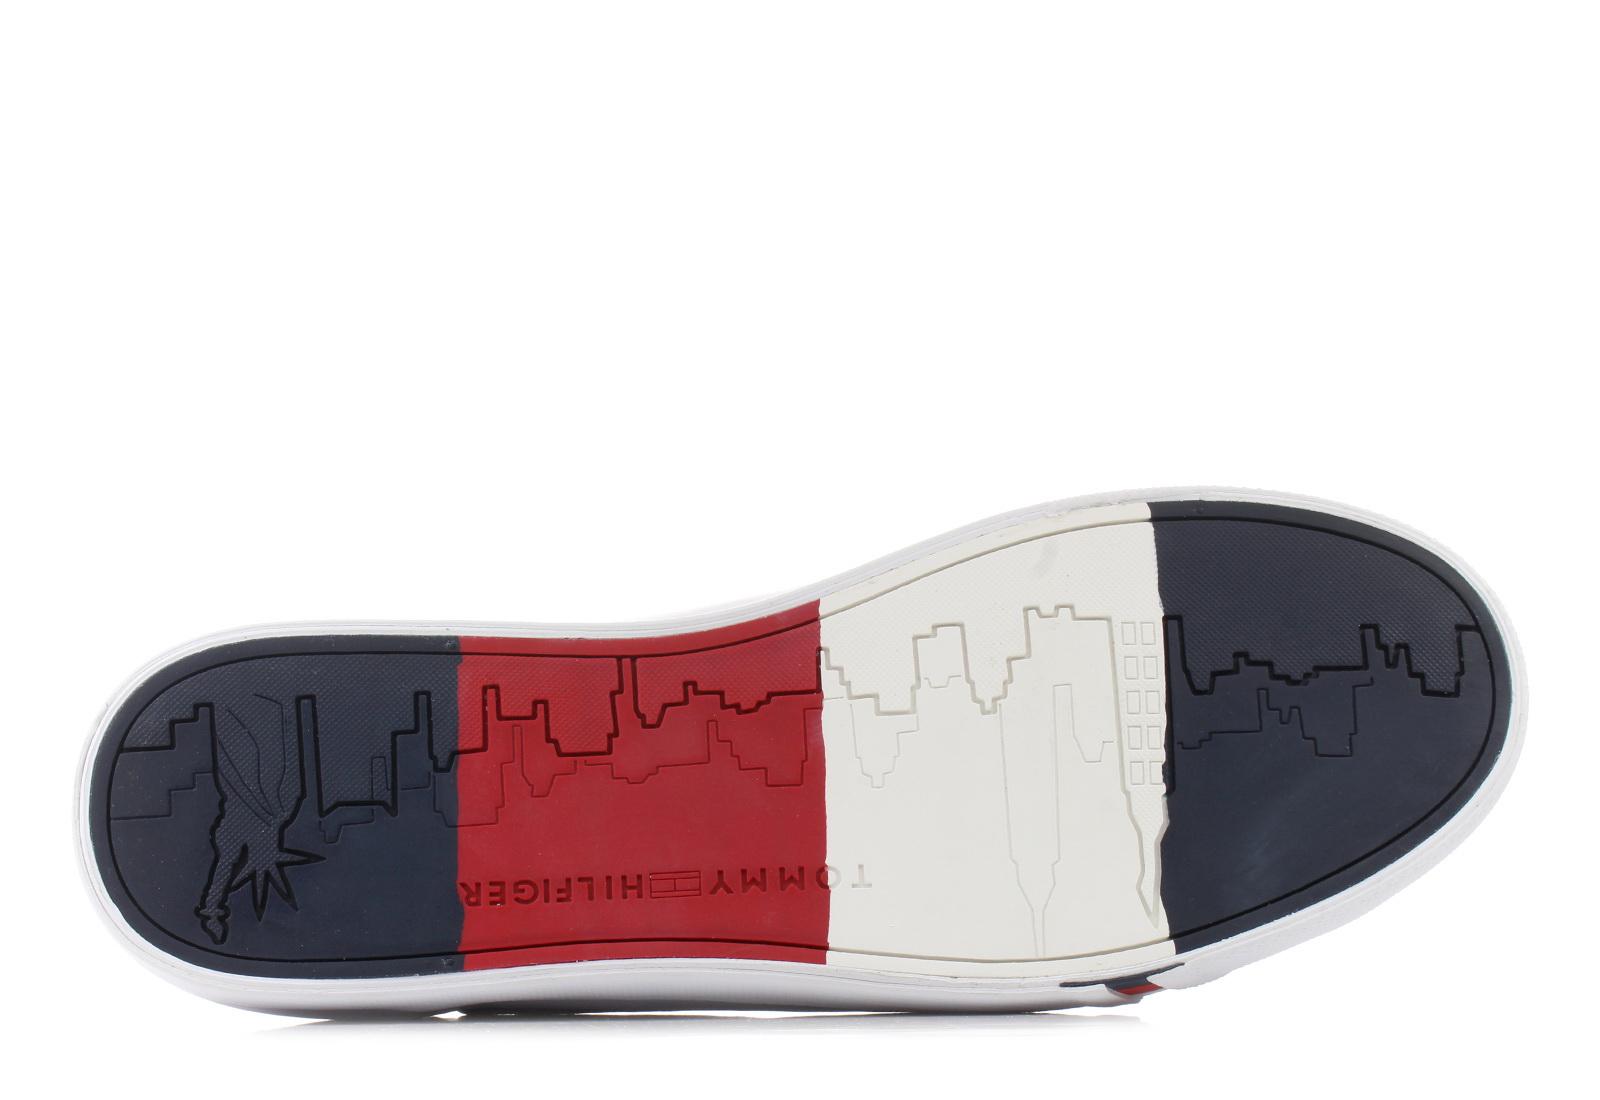 7e6cf0989a Tommy Hilfiger Cipő - Dino 6a - 19S-2089-100 - Office Shoes Magyarország